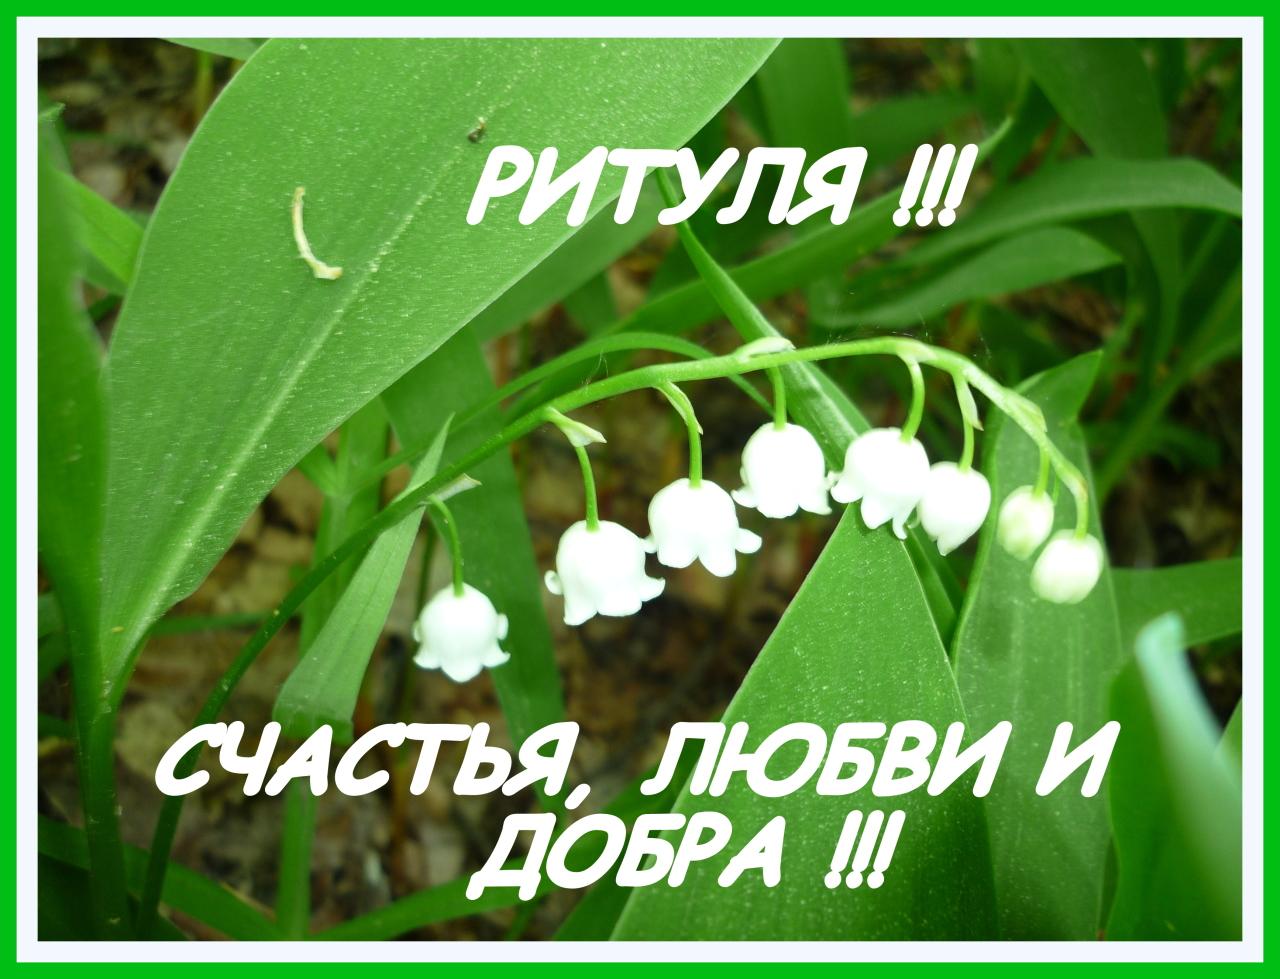 Все цветы тебе одной лишь только я дарю, Марго!  Все цветы и наши верные сердца!